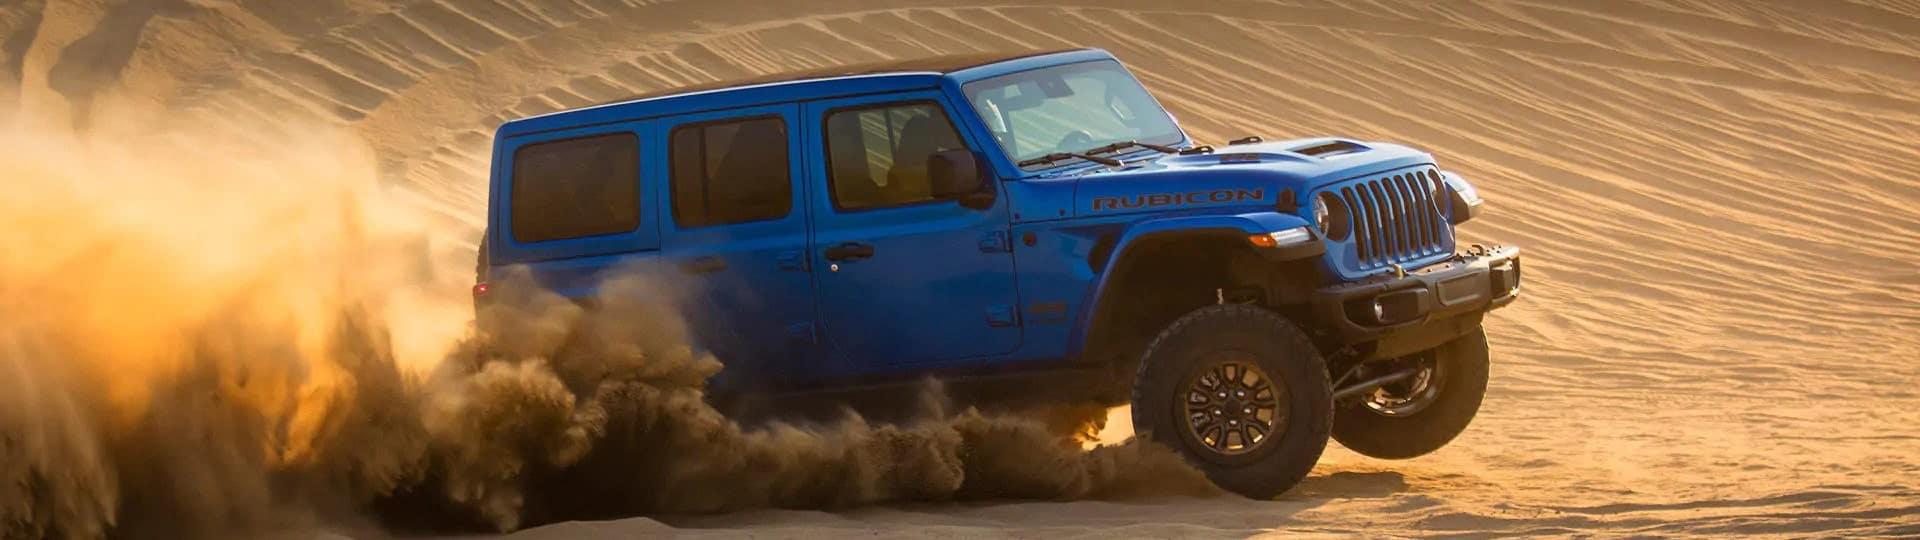 2021 Jeep Wrangler rubicon 392 in OKC